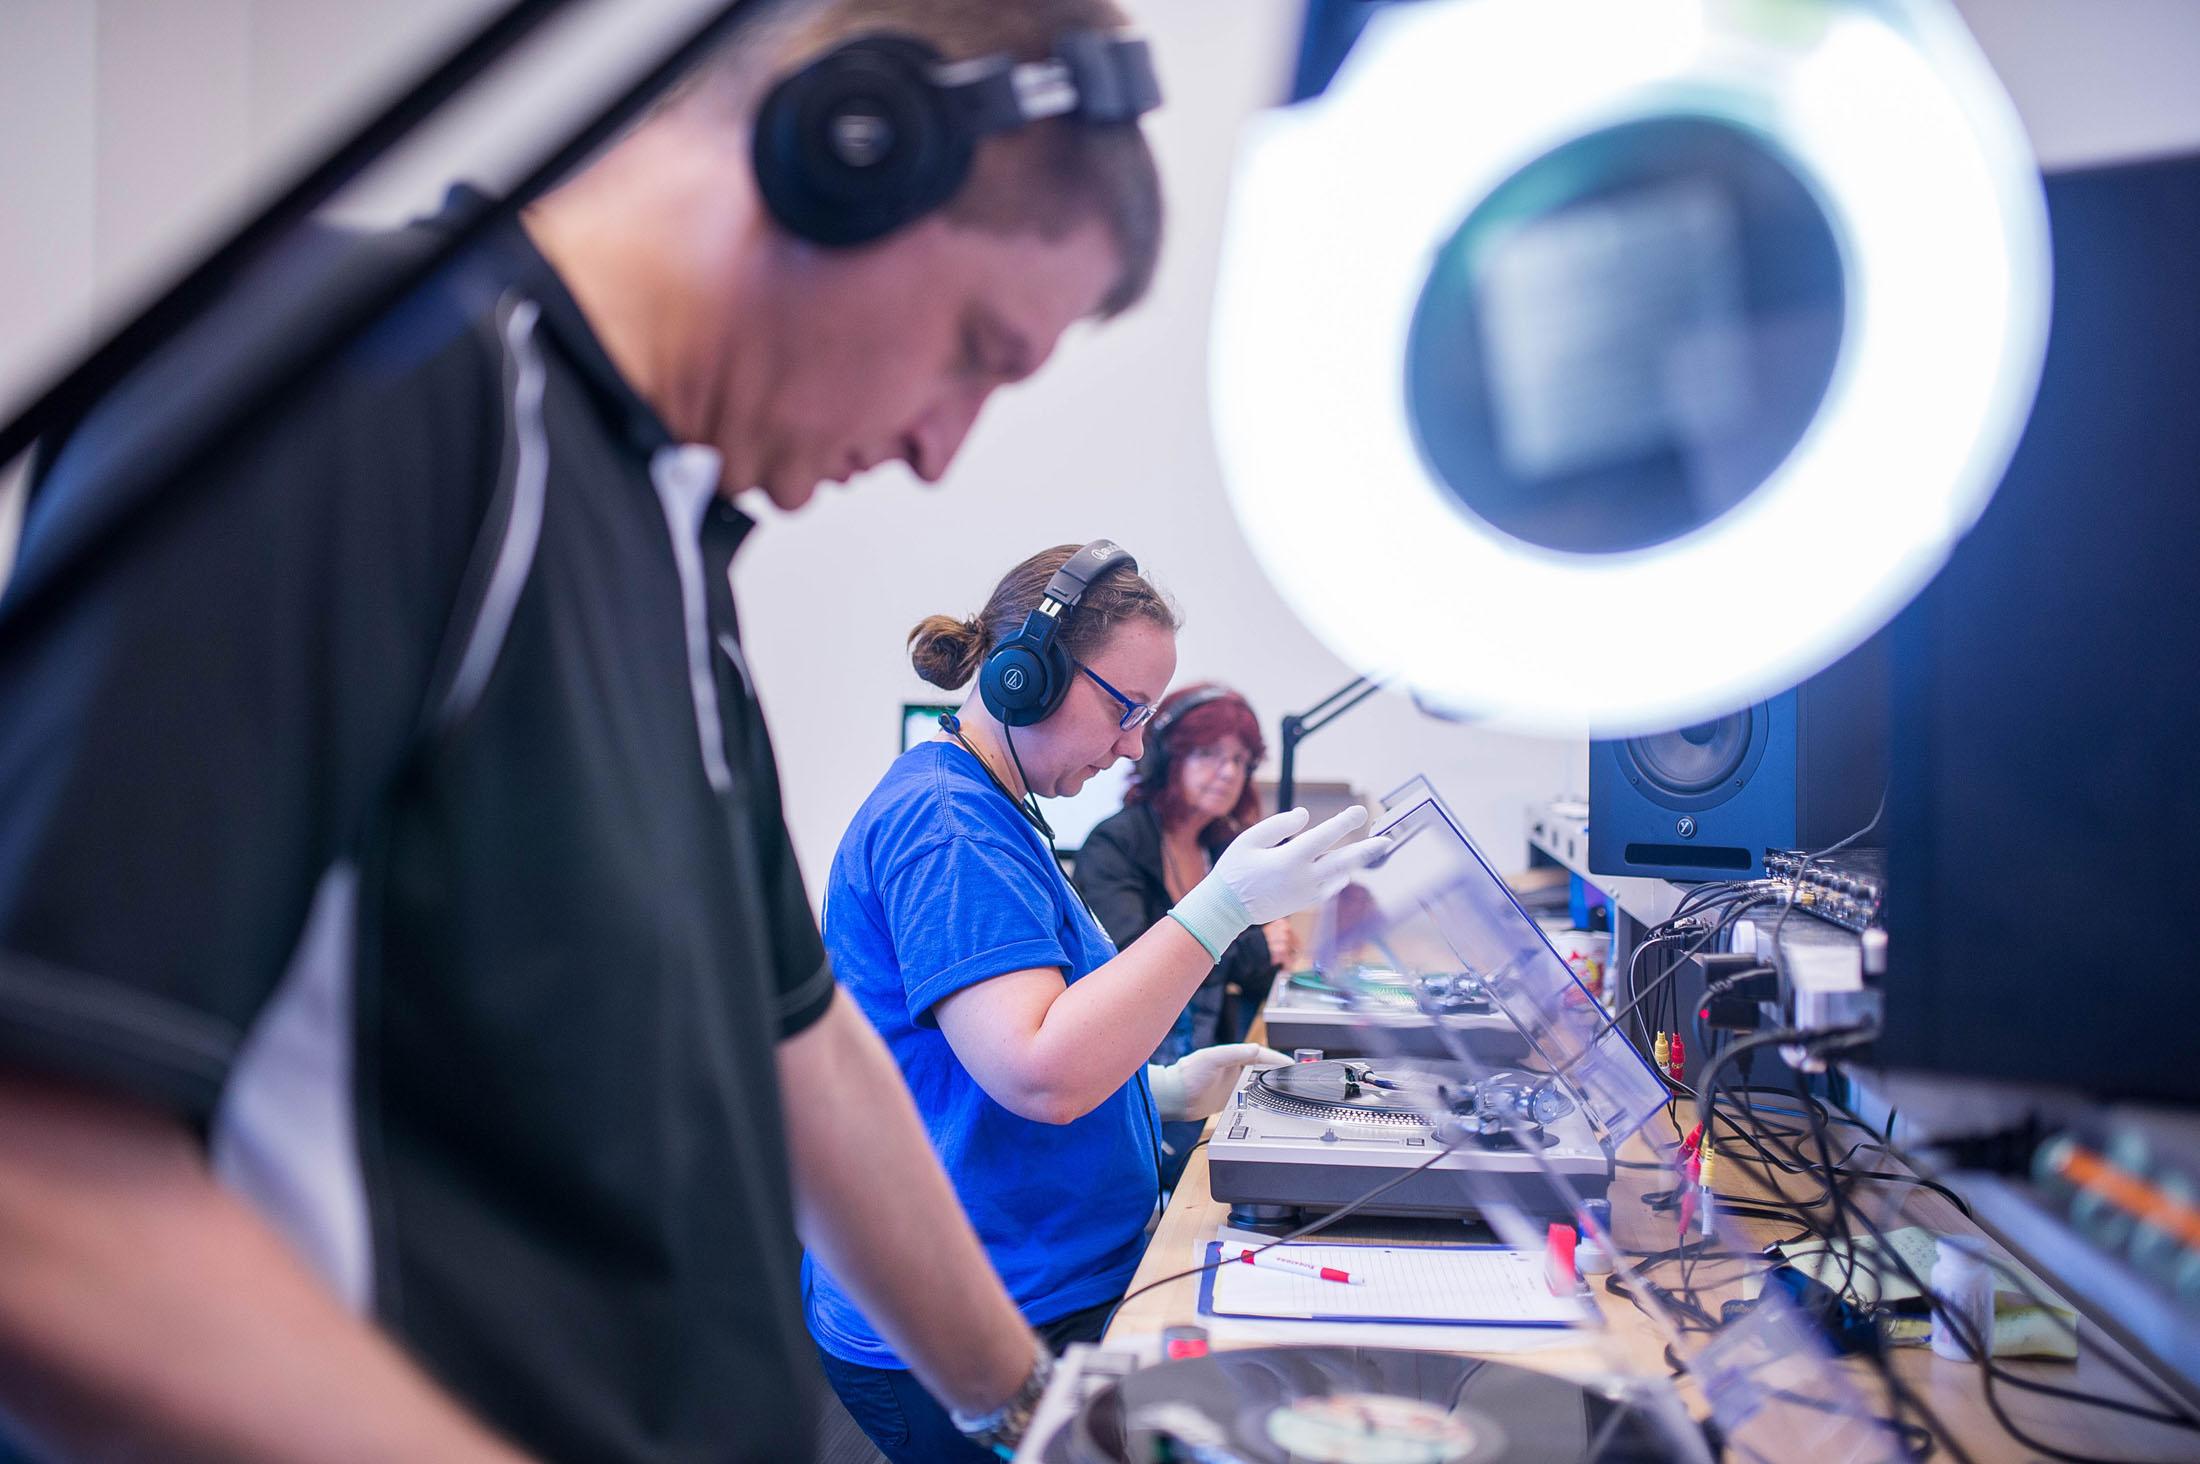 Chuyên Viên Của Precision Record Pressing Đang Kiểm Định Chất Lượng Âm Thanh    Photographer: James MacDonald/Bloomberg